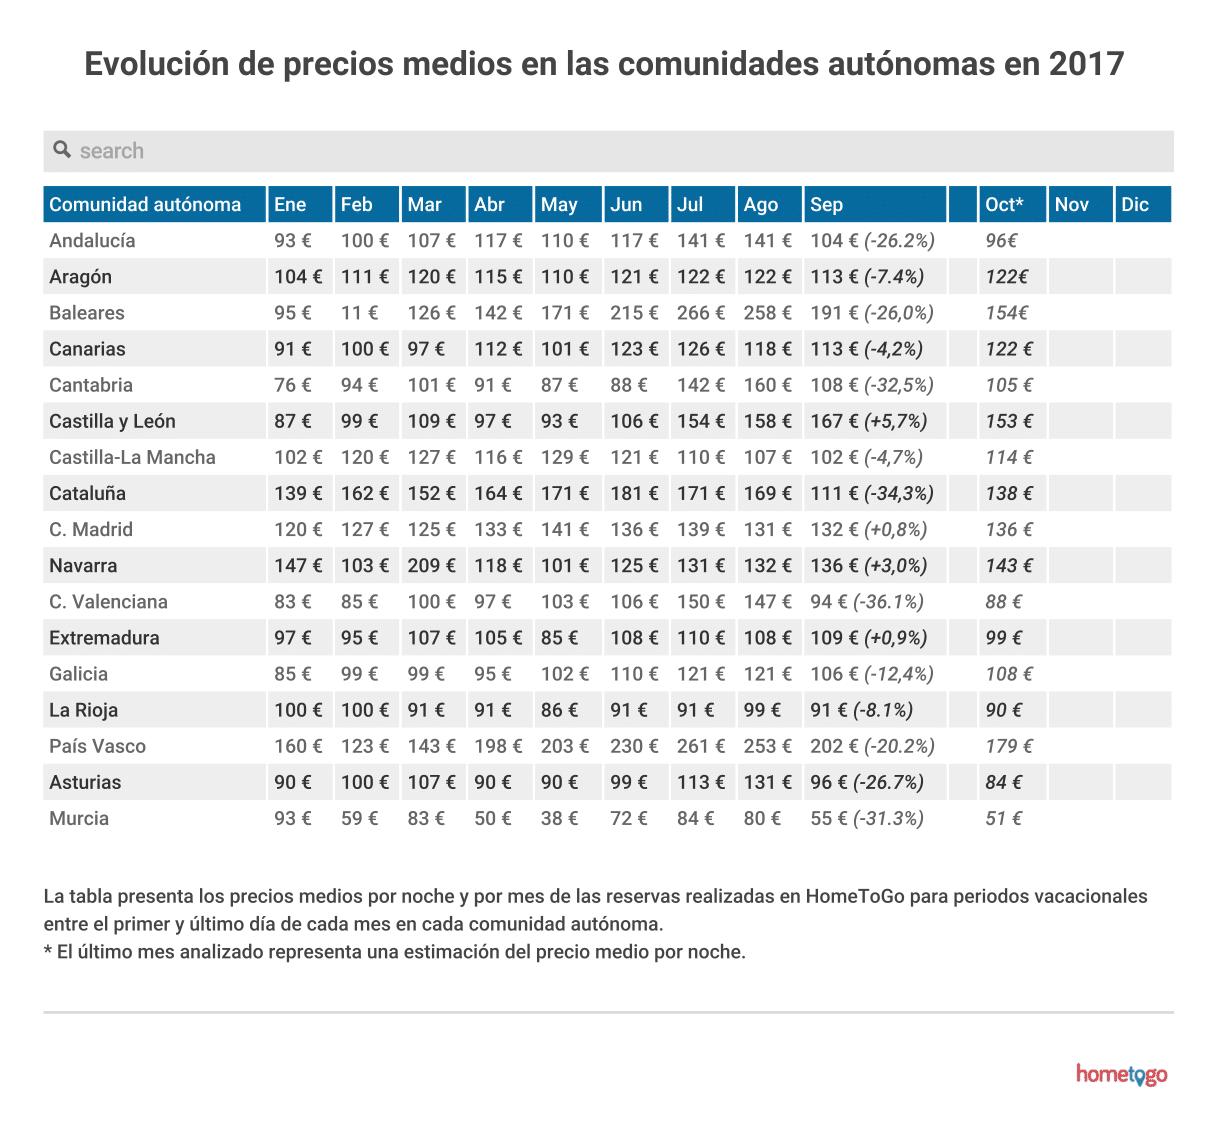 Fotografia Evolución de precios en las comunidades autónomas